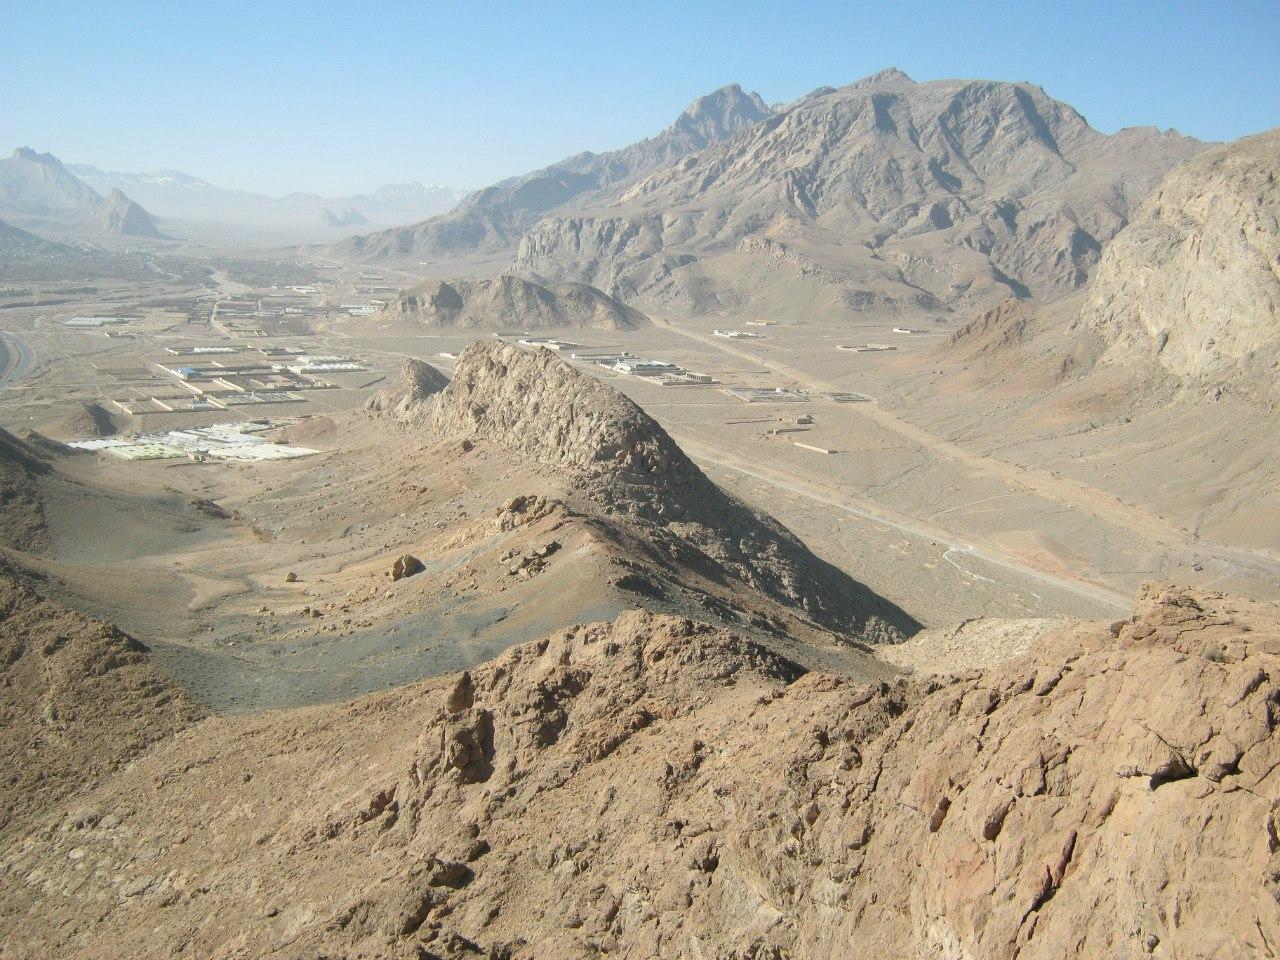 Снимок из центральной части Ирана, очень жарко